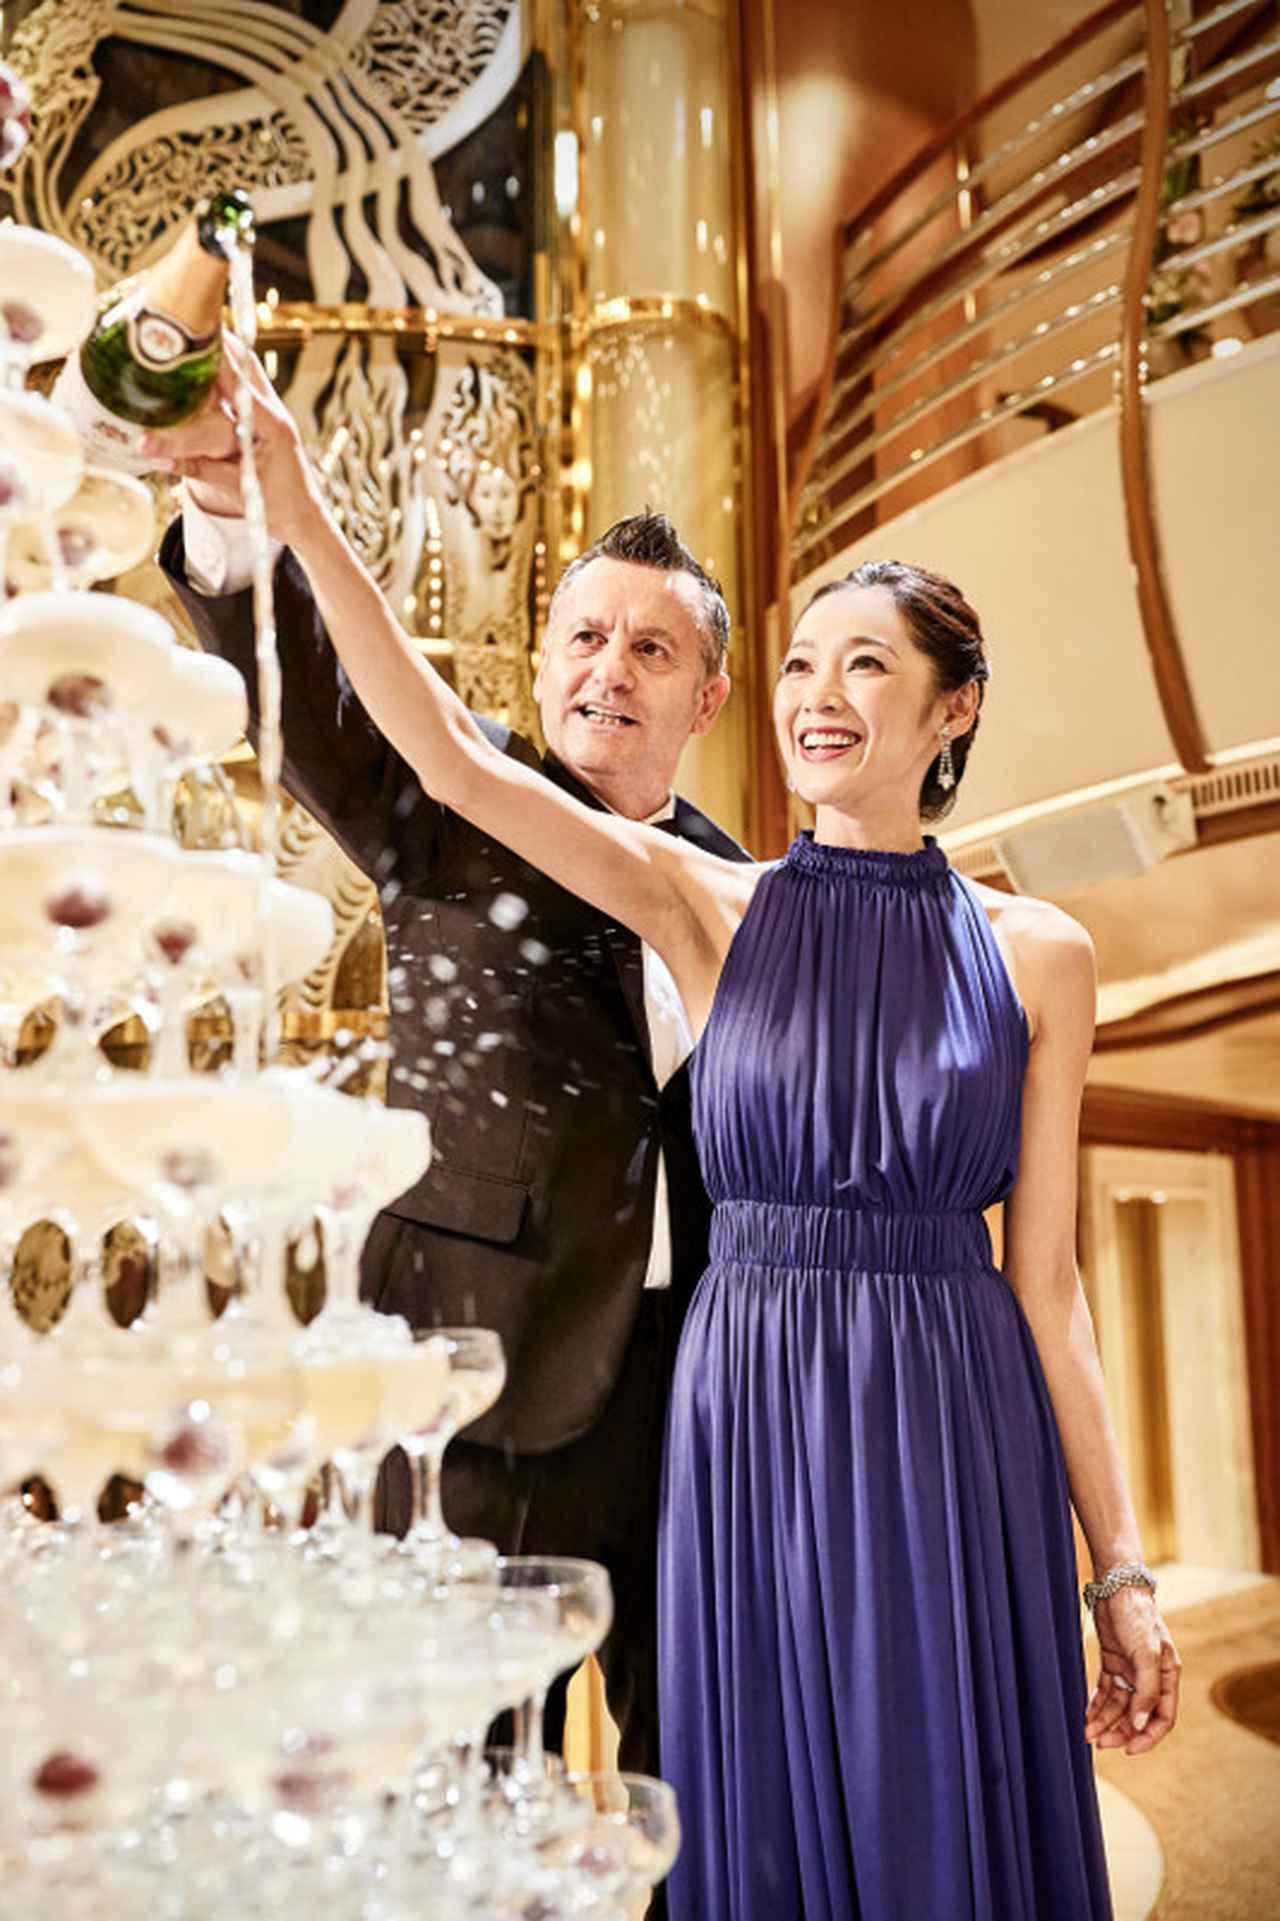 画像: 『【ダイヤモンド・プリンセス横浜発着】北前航路と九州・韓国クルーズ10日間』|クラブツーリズム